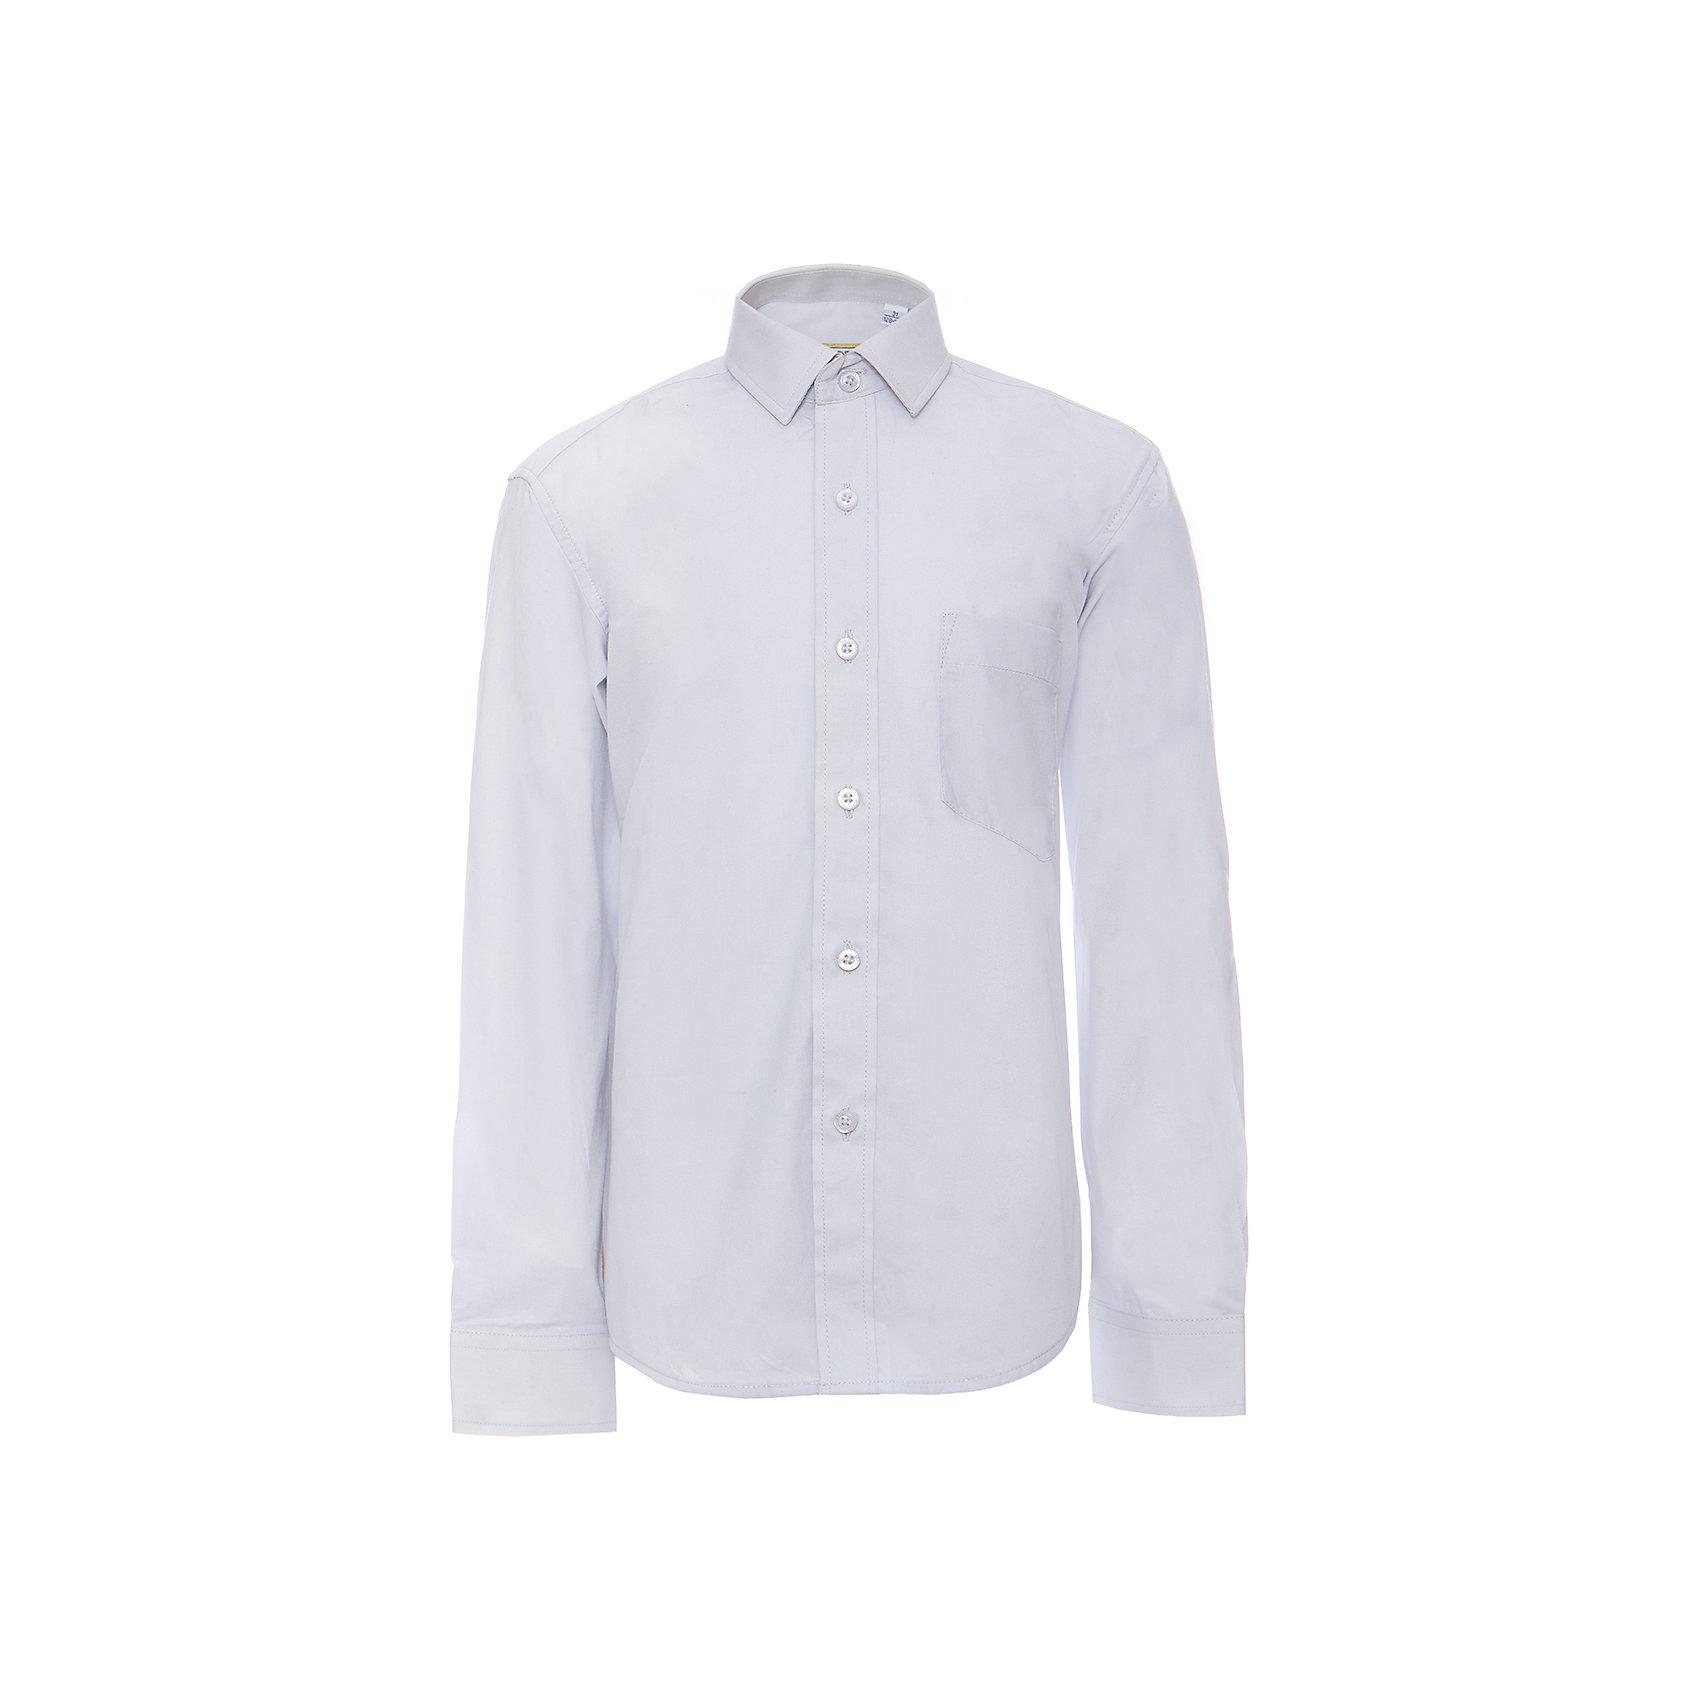 Рубашка для мальчика ImperatorБлузки и рубашки<br>Характеристики товара:<br><br>• цвет: голубой<br>• состав ткани: 80% хлопок, 20% полиэстер<br>• особенности: школьная, праздничная<br>• застежка: пуговицы<br>• рукава: длинные<br>• сезон: круглый год<br>• страна бренда: Российская Федерация<br>• страна изготовитель: Китай<br><br>Сорочка классического кроя для мальчика - отличный вариант практичной и стильной школьной одежды.<br><br>Накладной карман, воротник с отсрочкой, прямой низ, дышащая ткань с преобладанием хлопка - красиво и удобно.<br><br>Рубашку для мальчика Tsarevich (Царевич) можно купить в нашем интернет-магазине.<br><br>Ширина мм: 174<br>Глубина мм: 10<br>Высота мм: 169<br>Вес г: 157<br>Цвет: серый<br>Возраст от месяцев: 156<br>Возраст до месяцев: 168<br>Пол: Мужской<br>Возраст: Детский<br>Размер: 164/170,92/98,122/128,110/116,128/134,116/122,134/140,98/104,140/146,104/110,146/152,146/152,152/158,152/158,158/164<br>SKU: 4163750